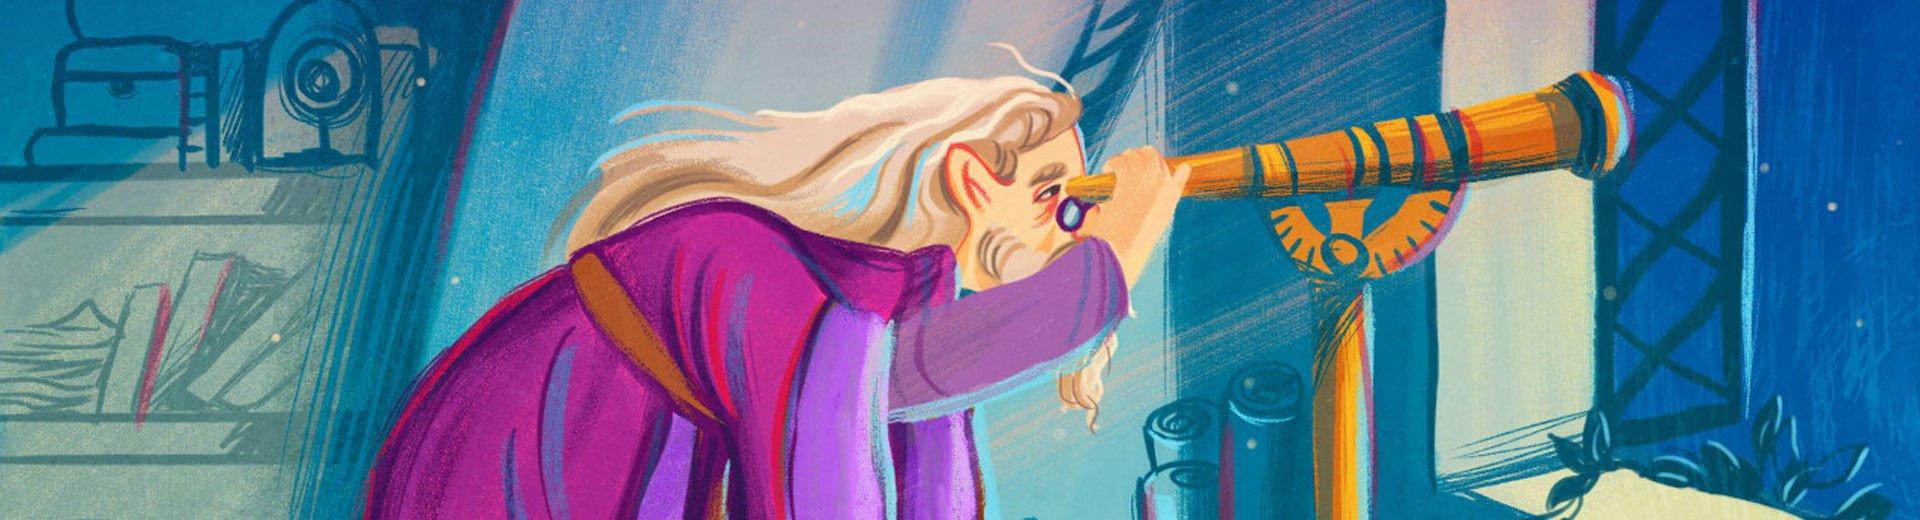 Okładka artykułu Fascynuje mnie kolorystyka starych animacji — Wywiad z Małgorzatą Detner